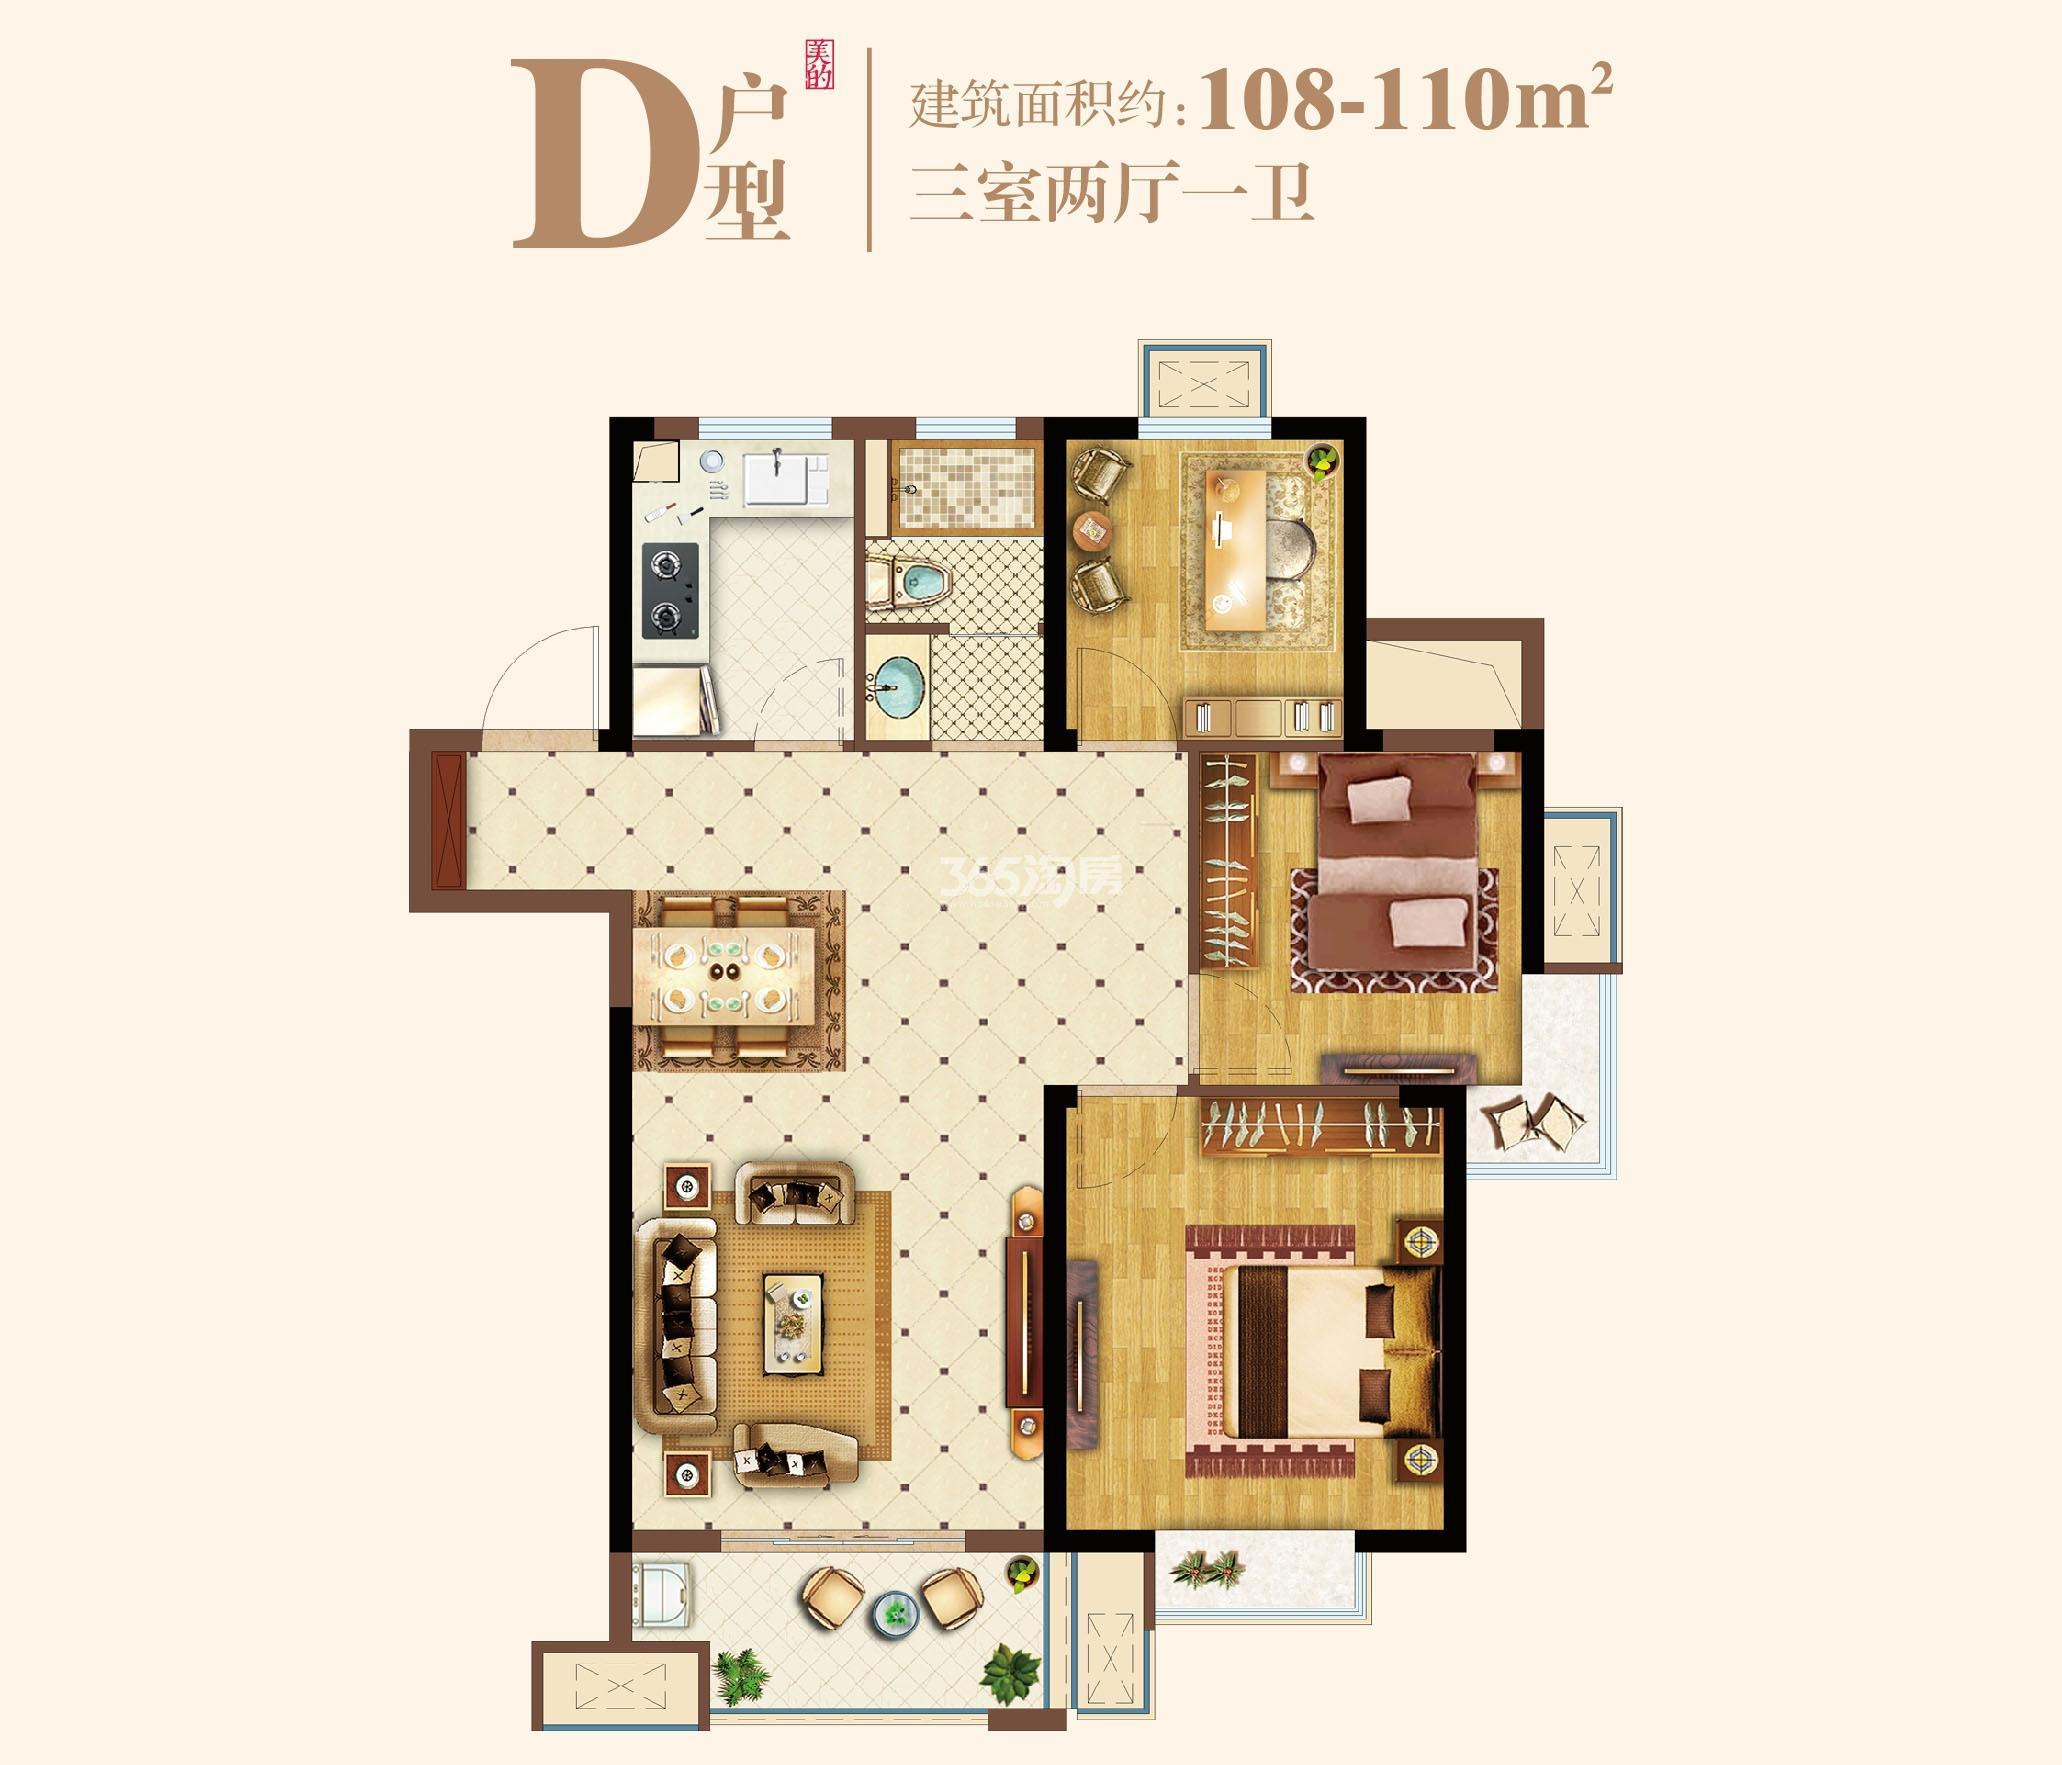 高层D户型108-110㎡三室两厅一卫